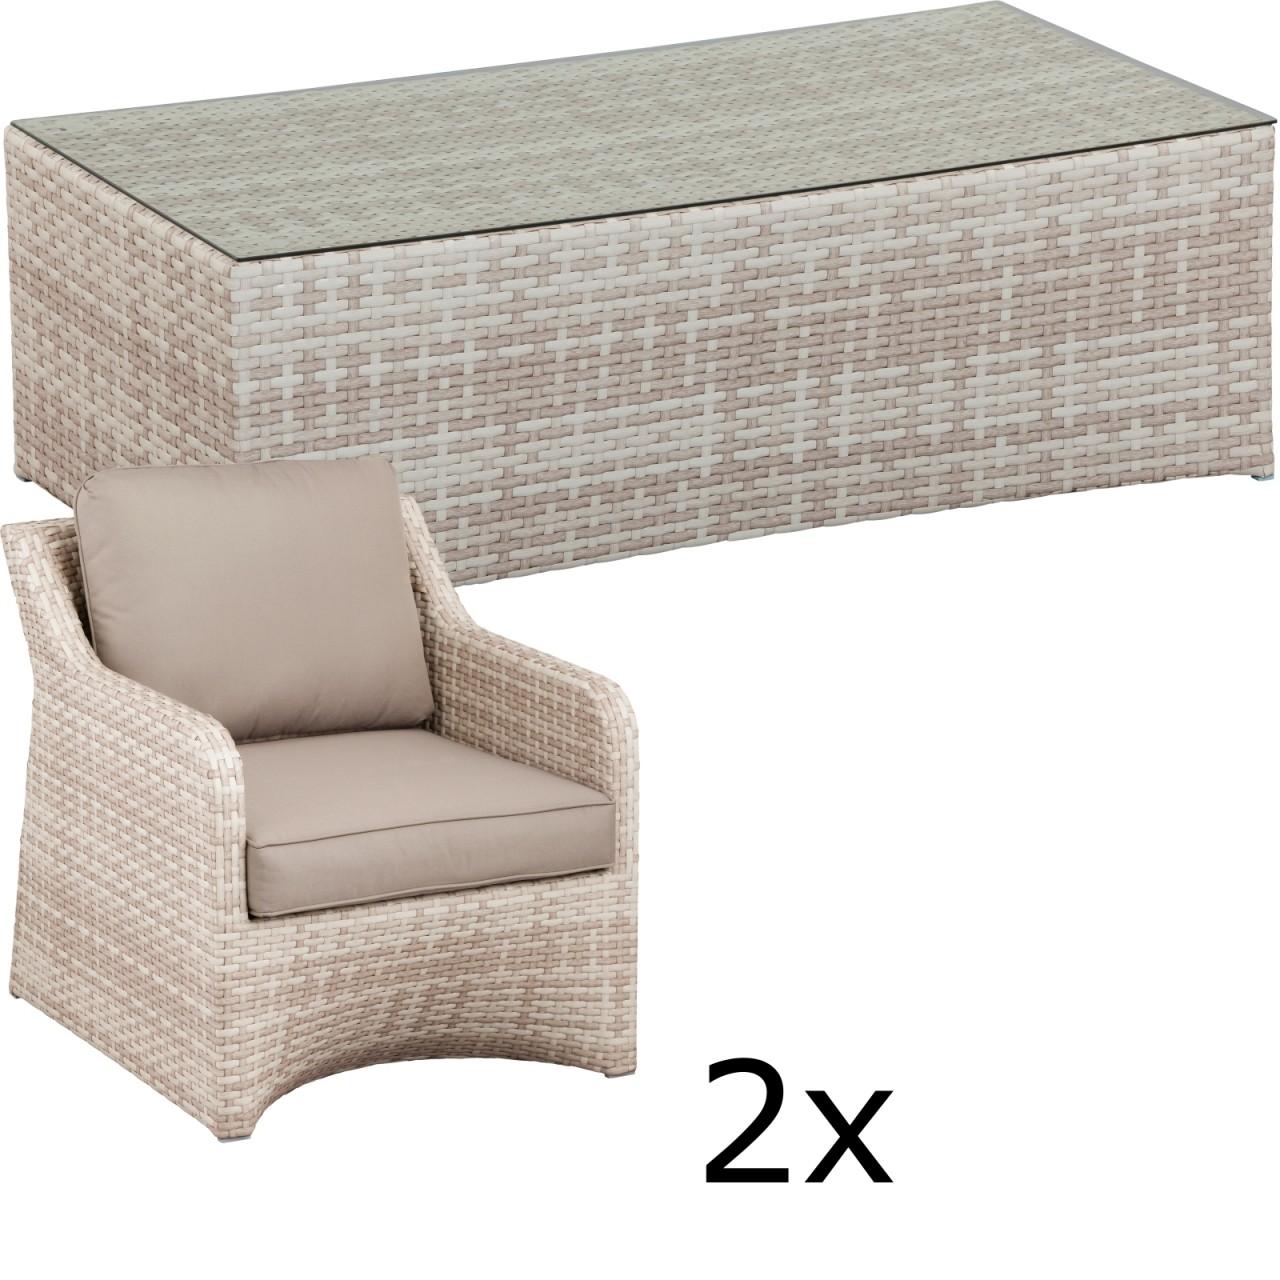 gartenmobel aluminium angebot interessante ideen f r die gestaltung von. Black Bedroom Furniture Sets. Home Design Ideas